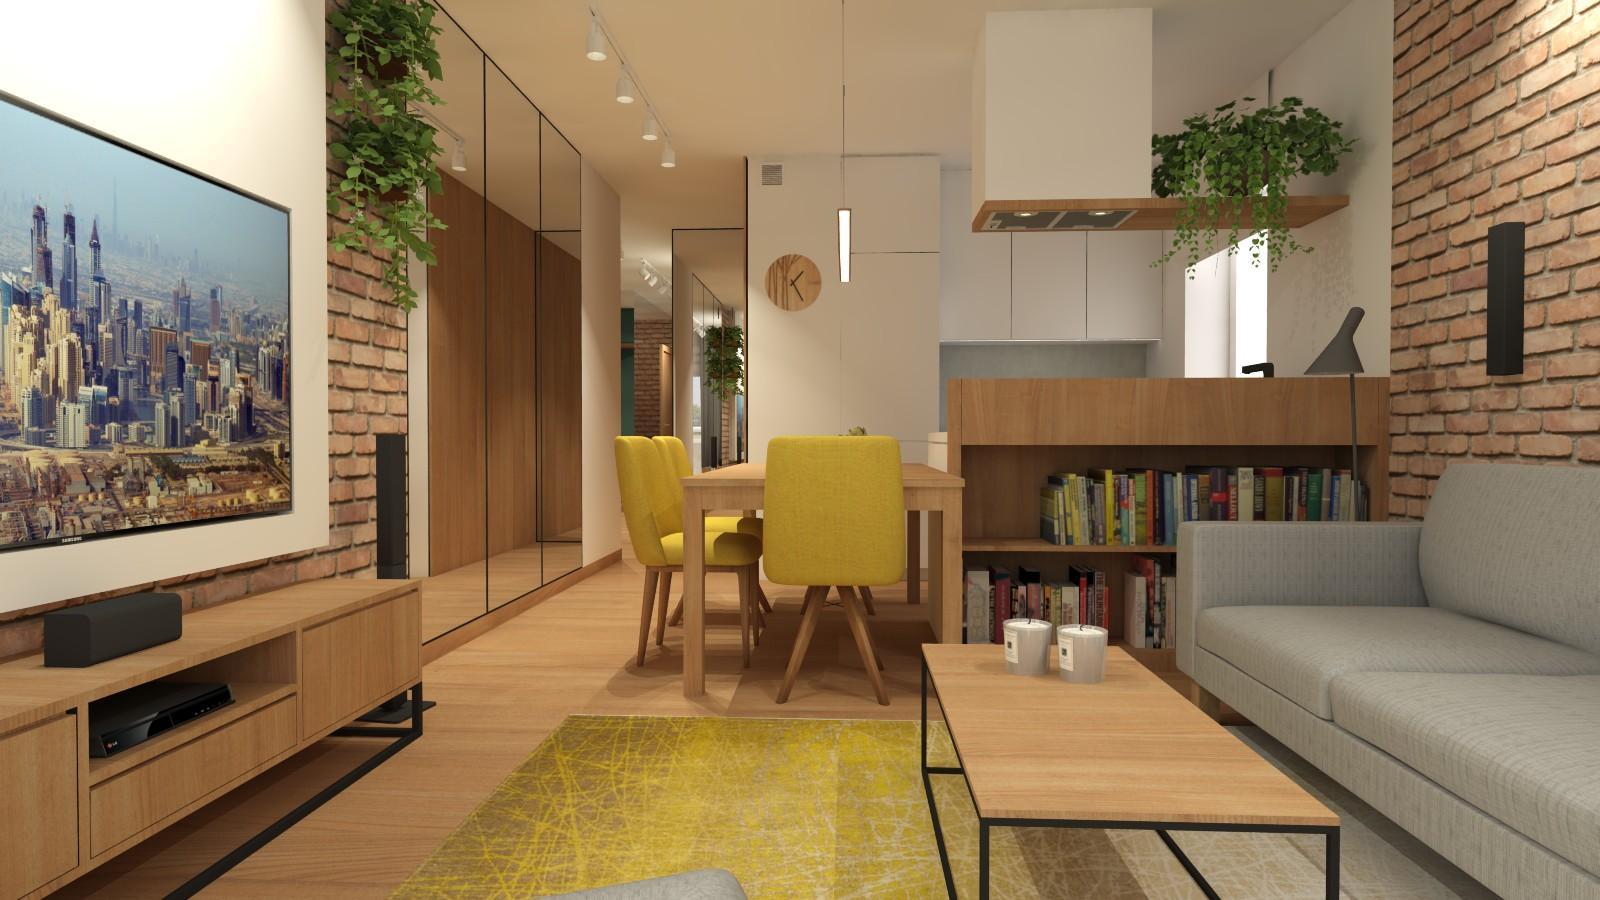 nowoczesny-salon-w-stylu-loftowym-z-zabudowa-tv-cegla-na-scianie-lustrami-aneksem-kuchennym